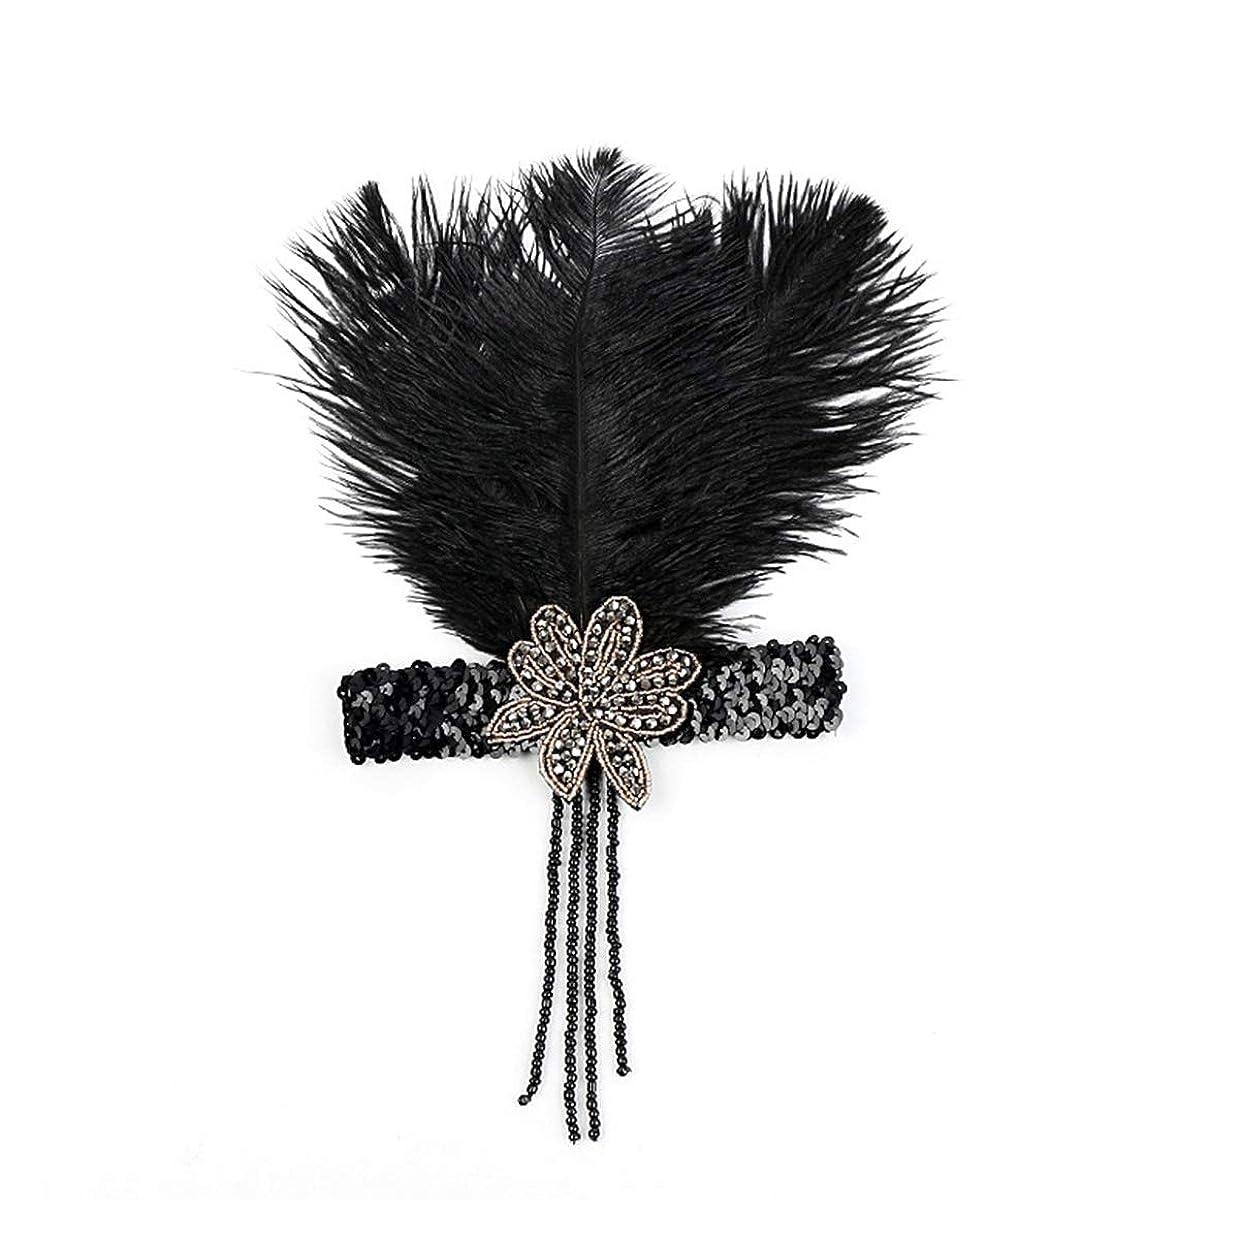 クロール砂のいちゃつくBESTOYARD ファンシーフェザーヘッドバンドヘッドドレスマスカレードナイトクラブパーティーヘッドウェア女性のためのヘアアクセサリー(ブラック)